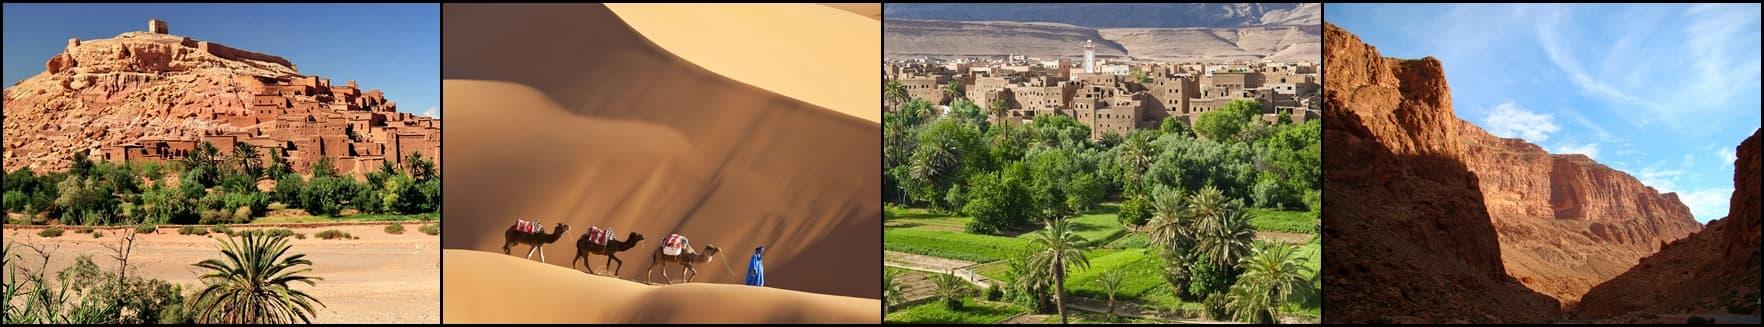 Morocco d6